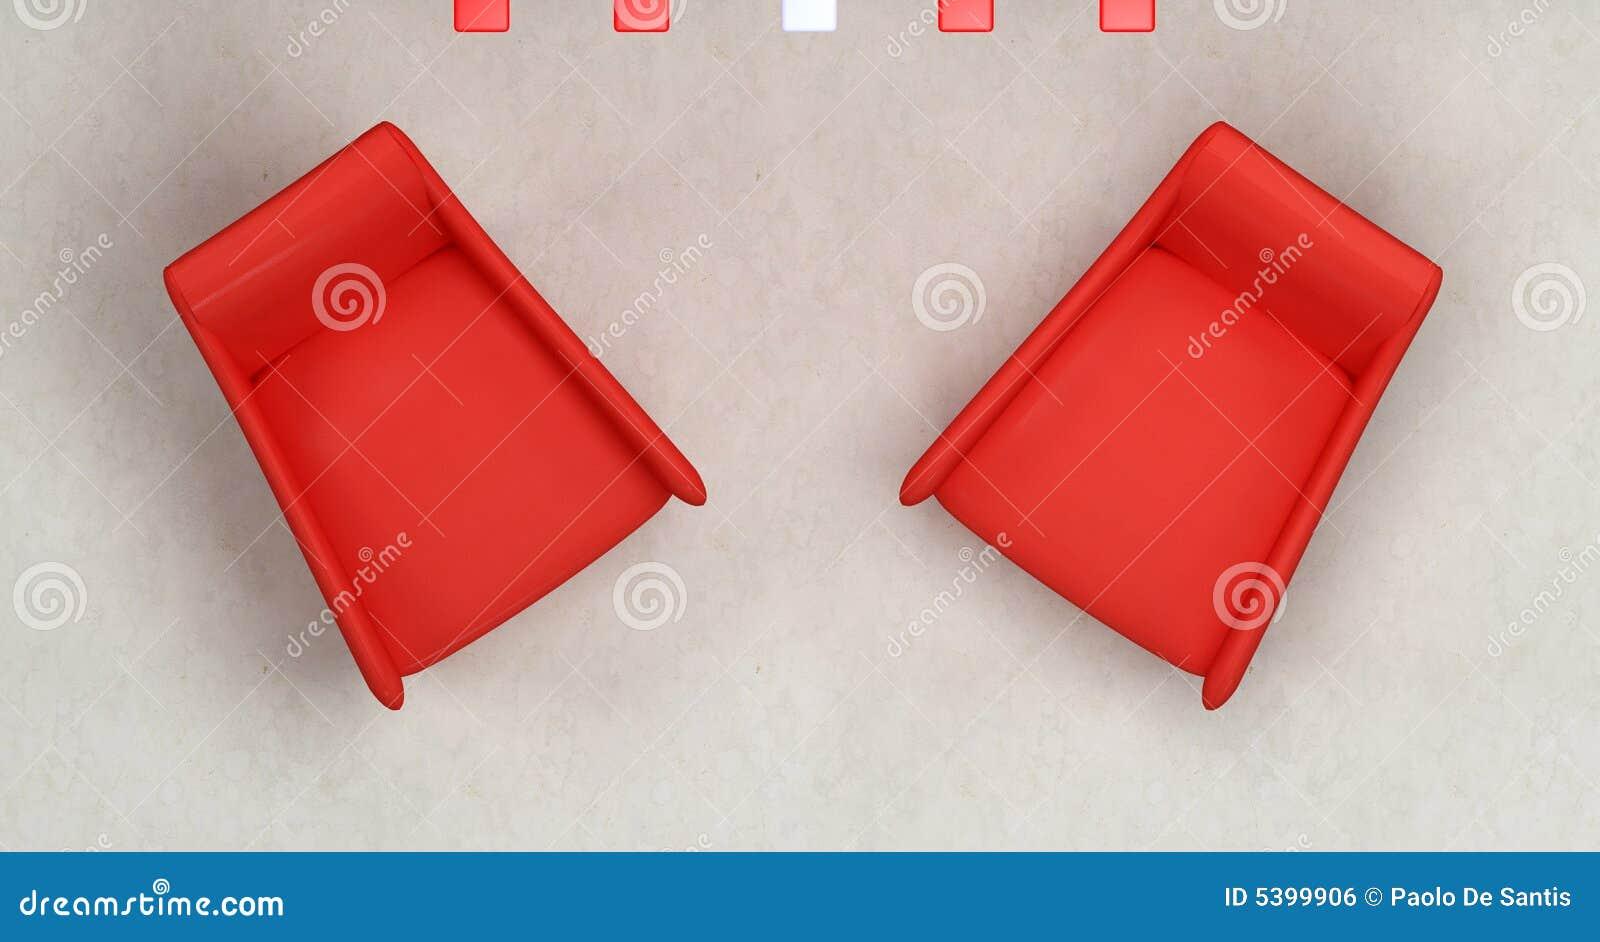 dessus vue de fauteuil de deux rouges image libre de droits image 5399906. Black Bedroom Furniture Sets. Home Design Ideas